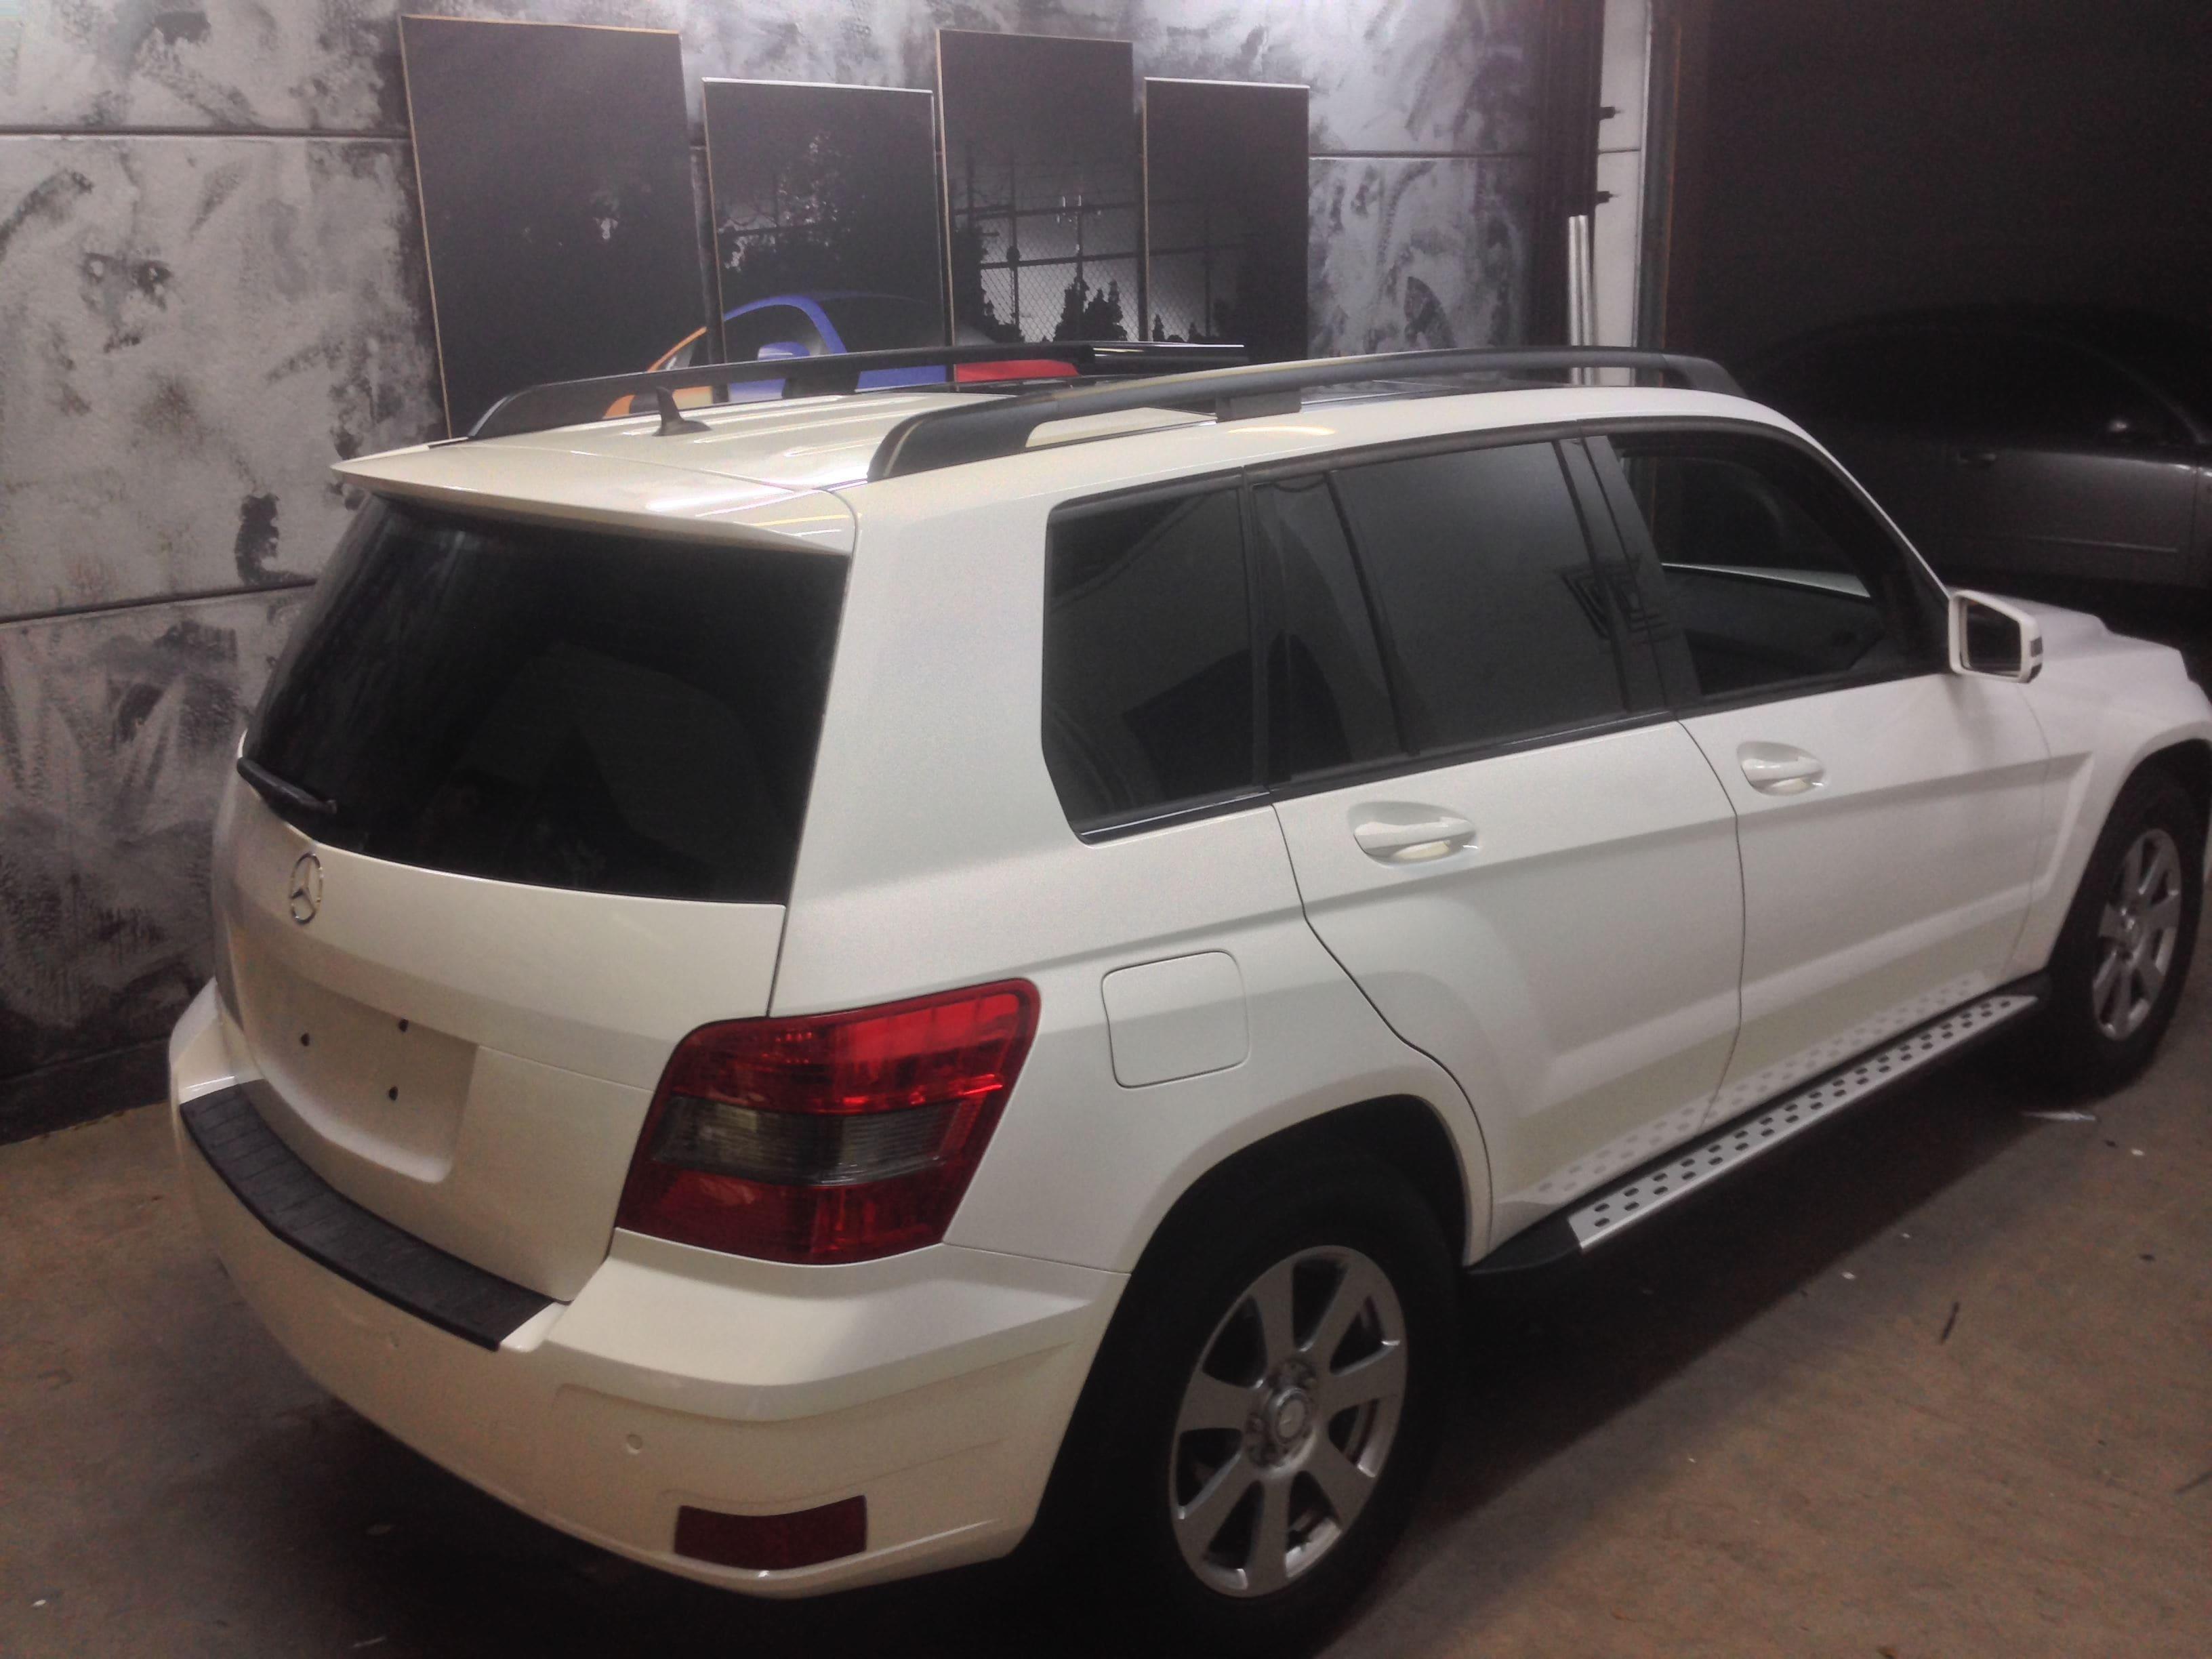 Mercedes GLK met Glossy White Wrap, Carwrapping door Wrapmyride.nu Foto-nr:6300, ©2020